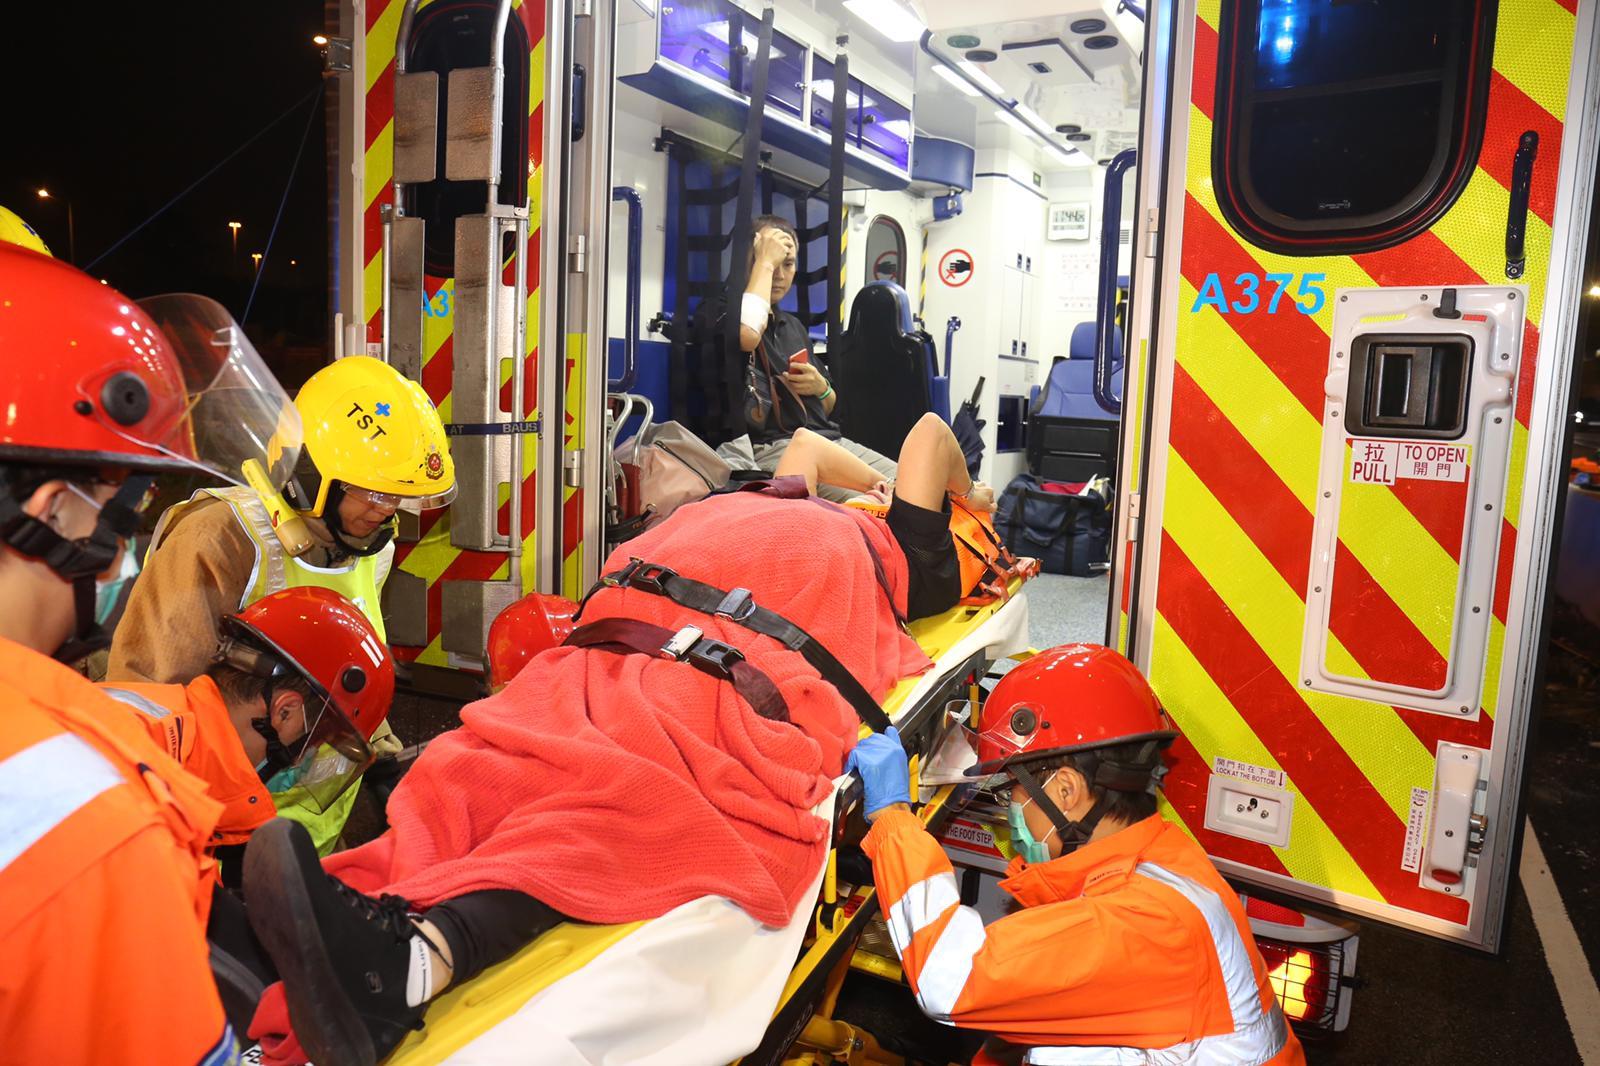 受傷遊客夫婦由救護車送院。徐裕民攝